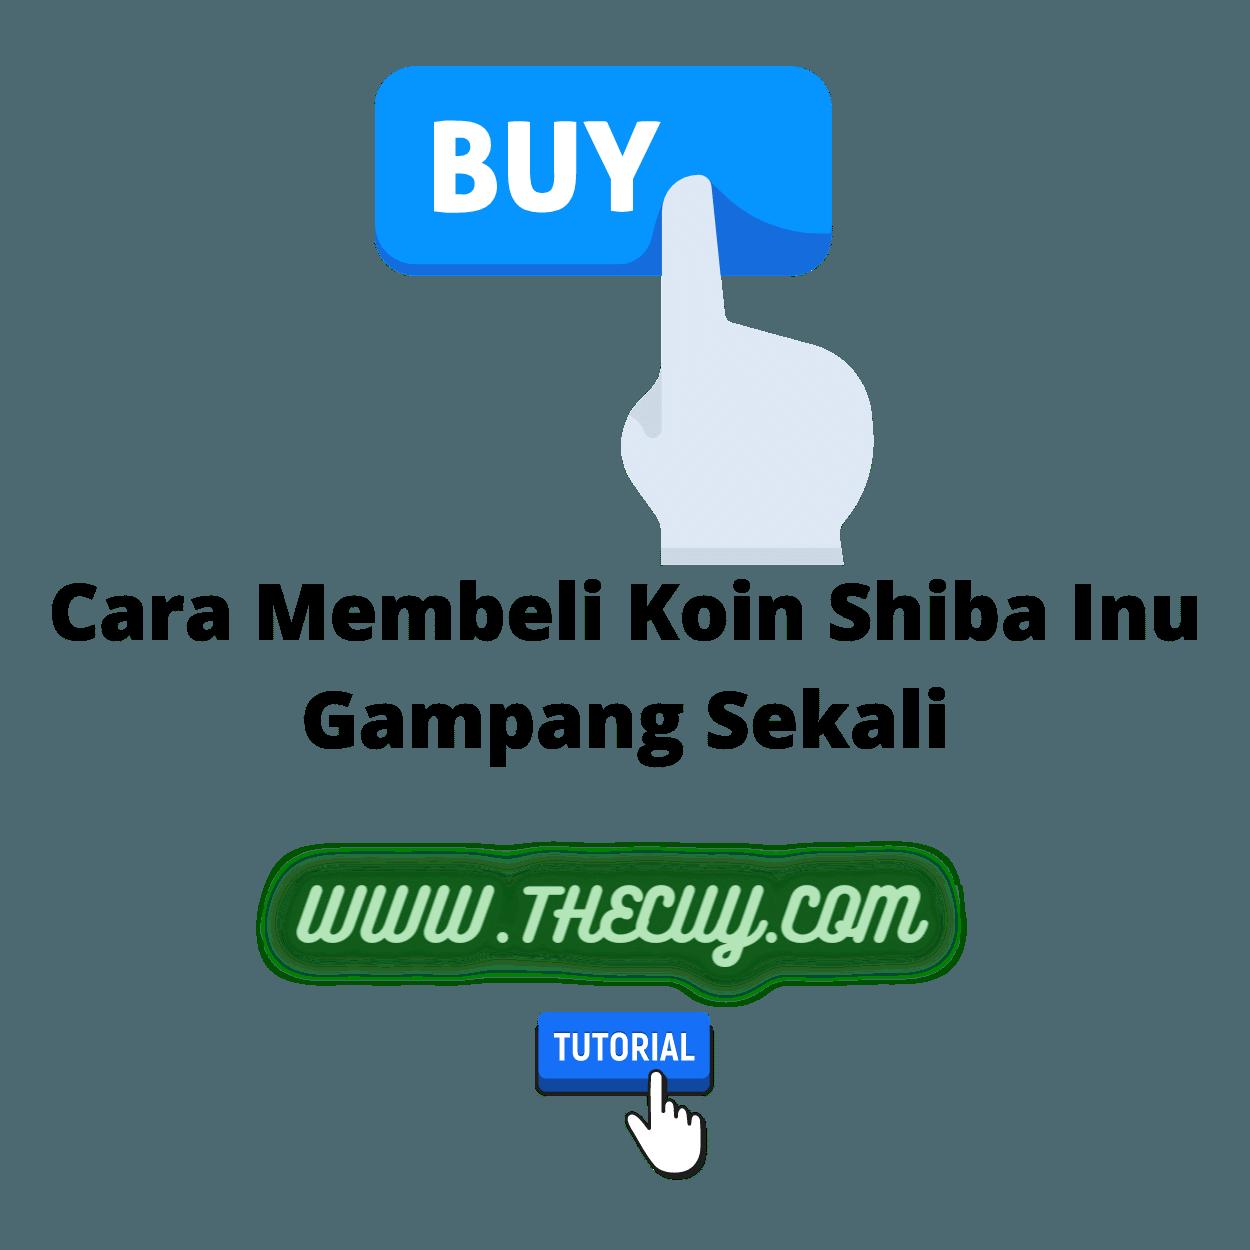 Cara Membeli Koin Shiba Inu Gampang Sekali